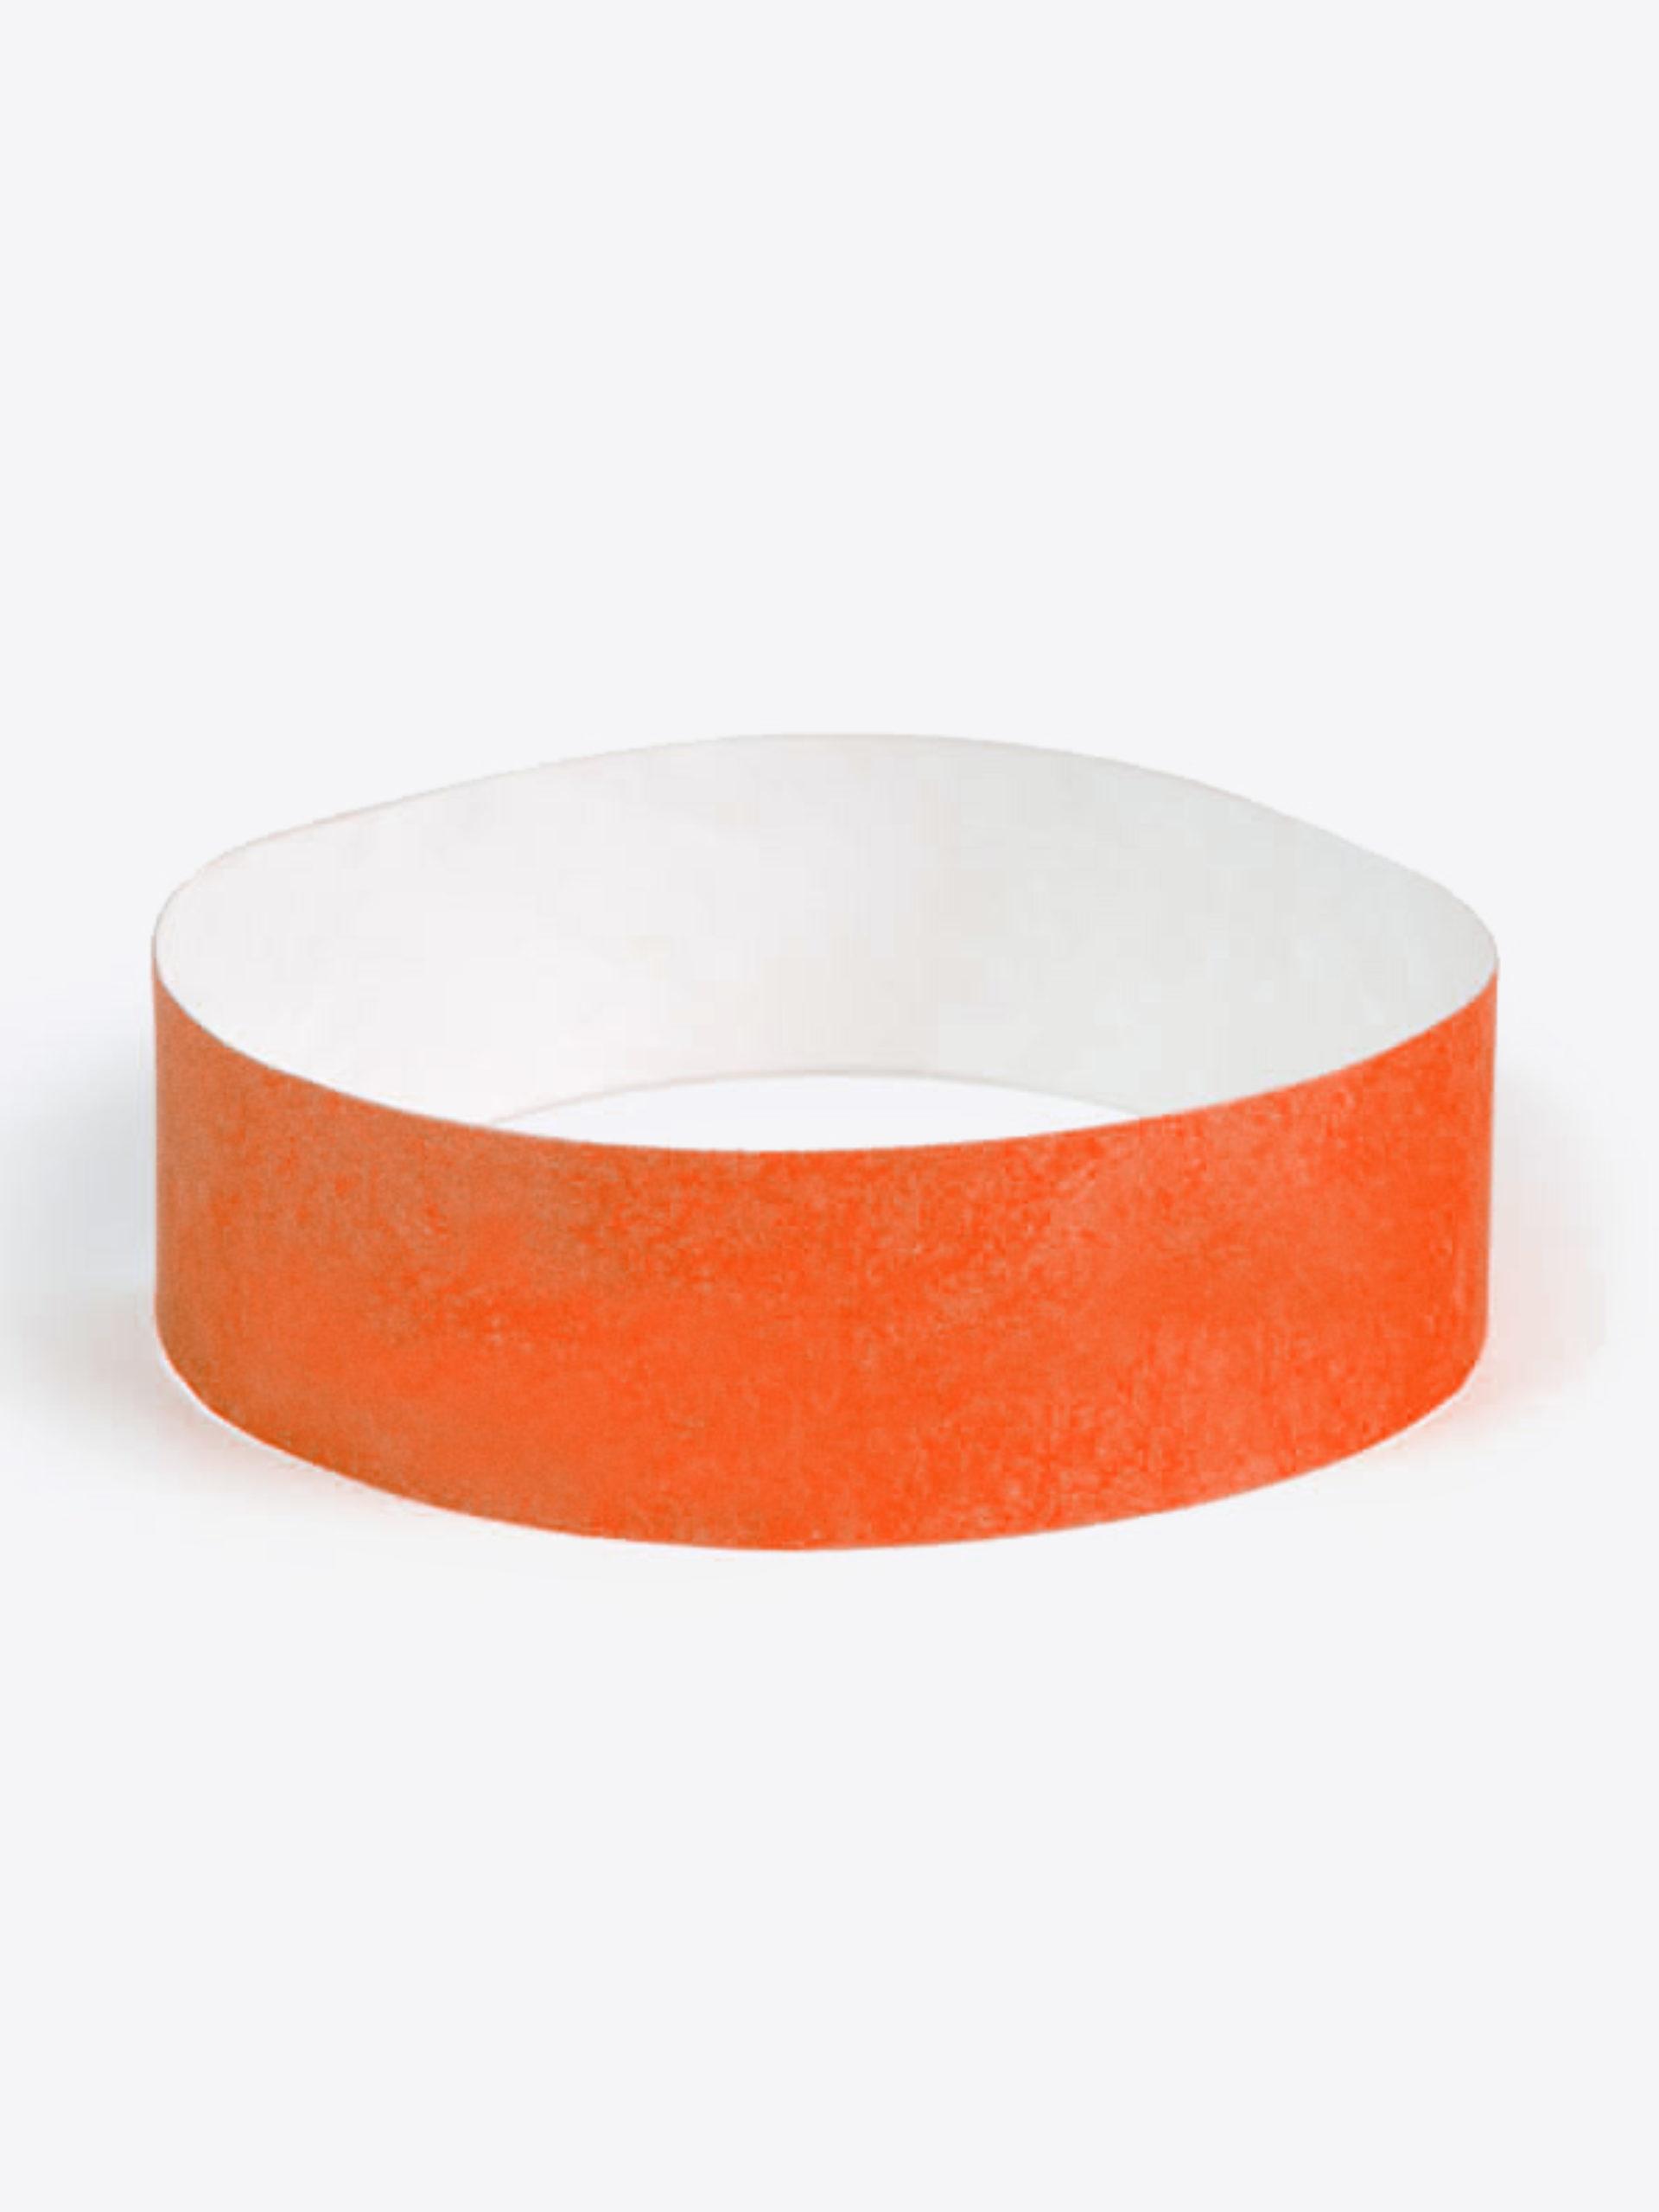 Eintrittsband Kontrollband Unbedruckt Neon Orange